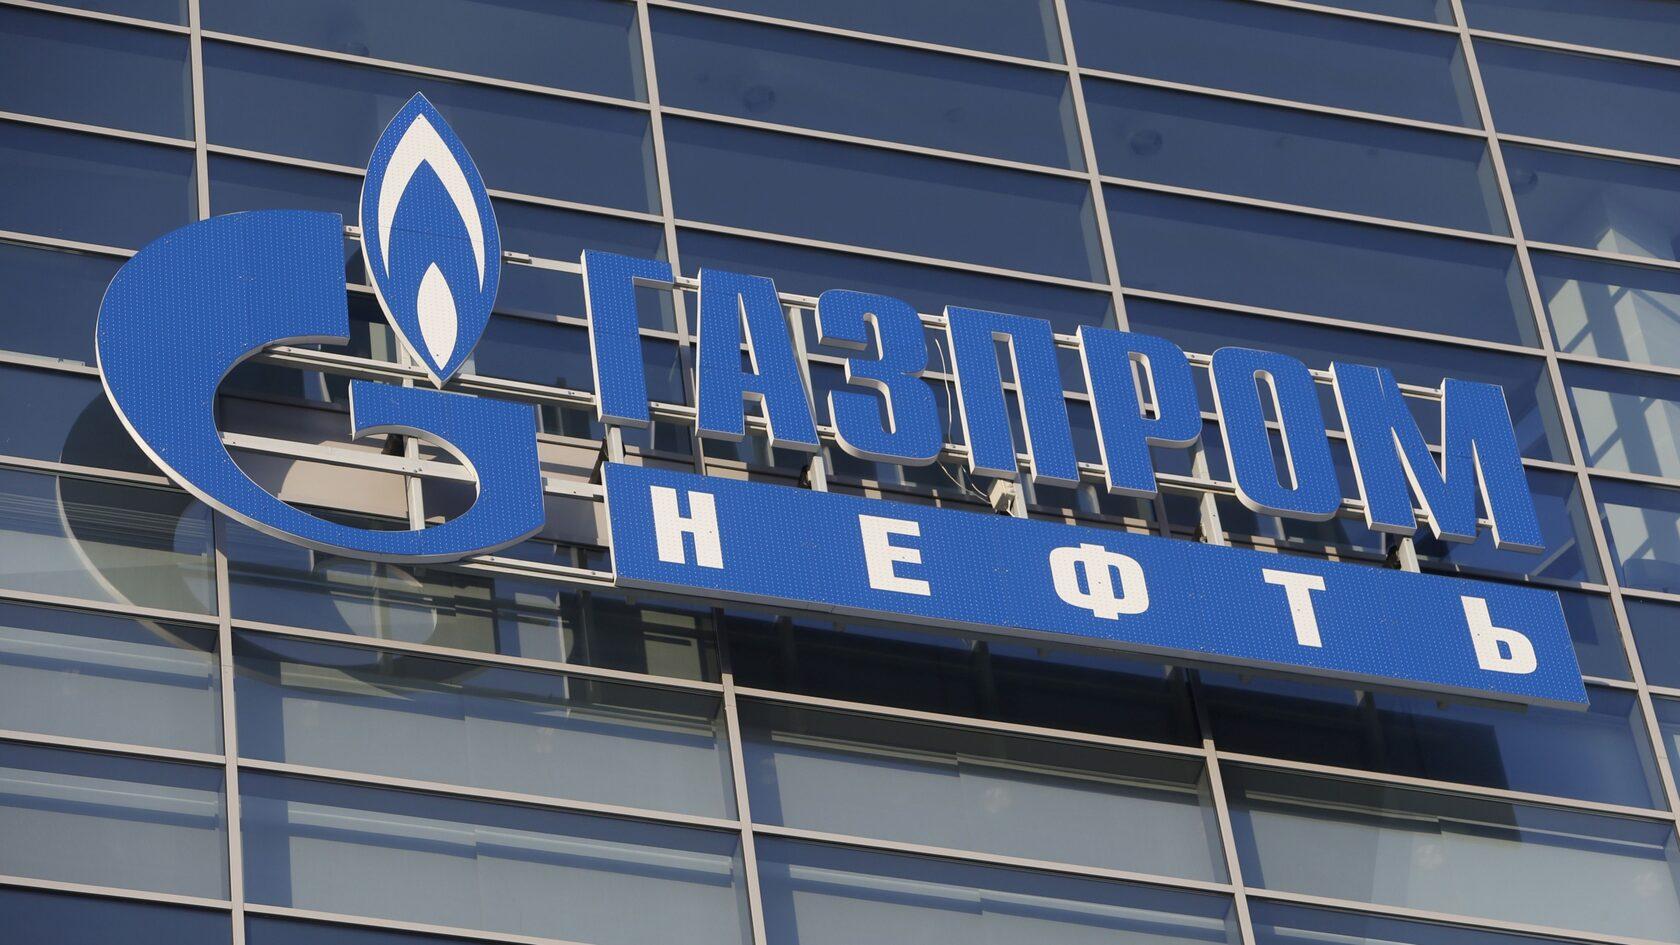 Газпром нефть - Официальный спонсор RAO/CIS Offshore 2021